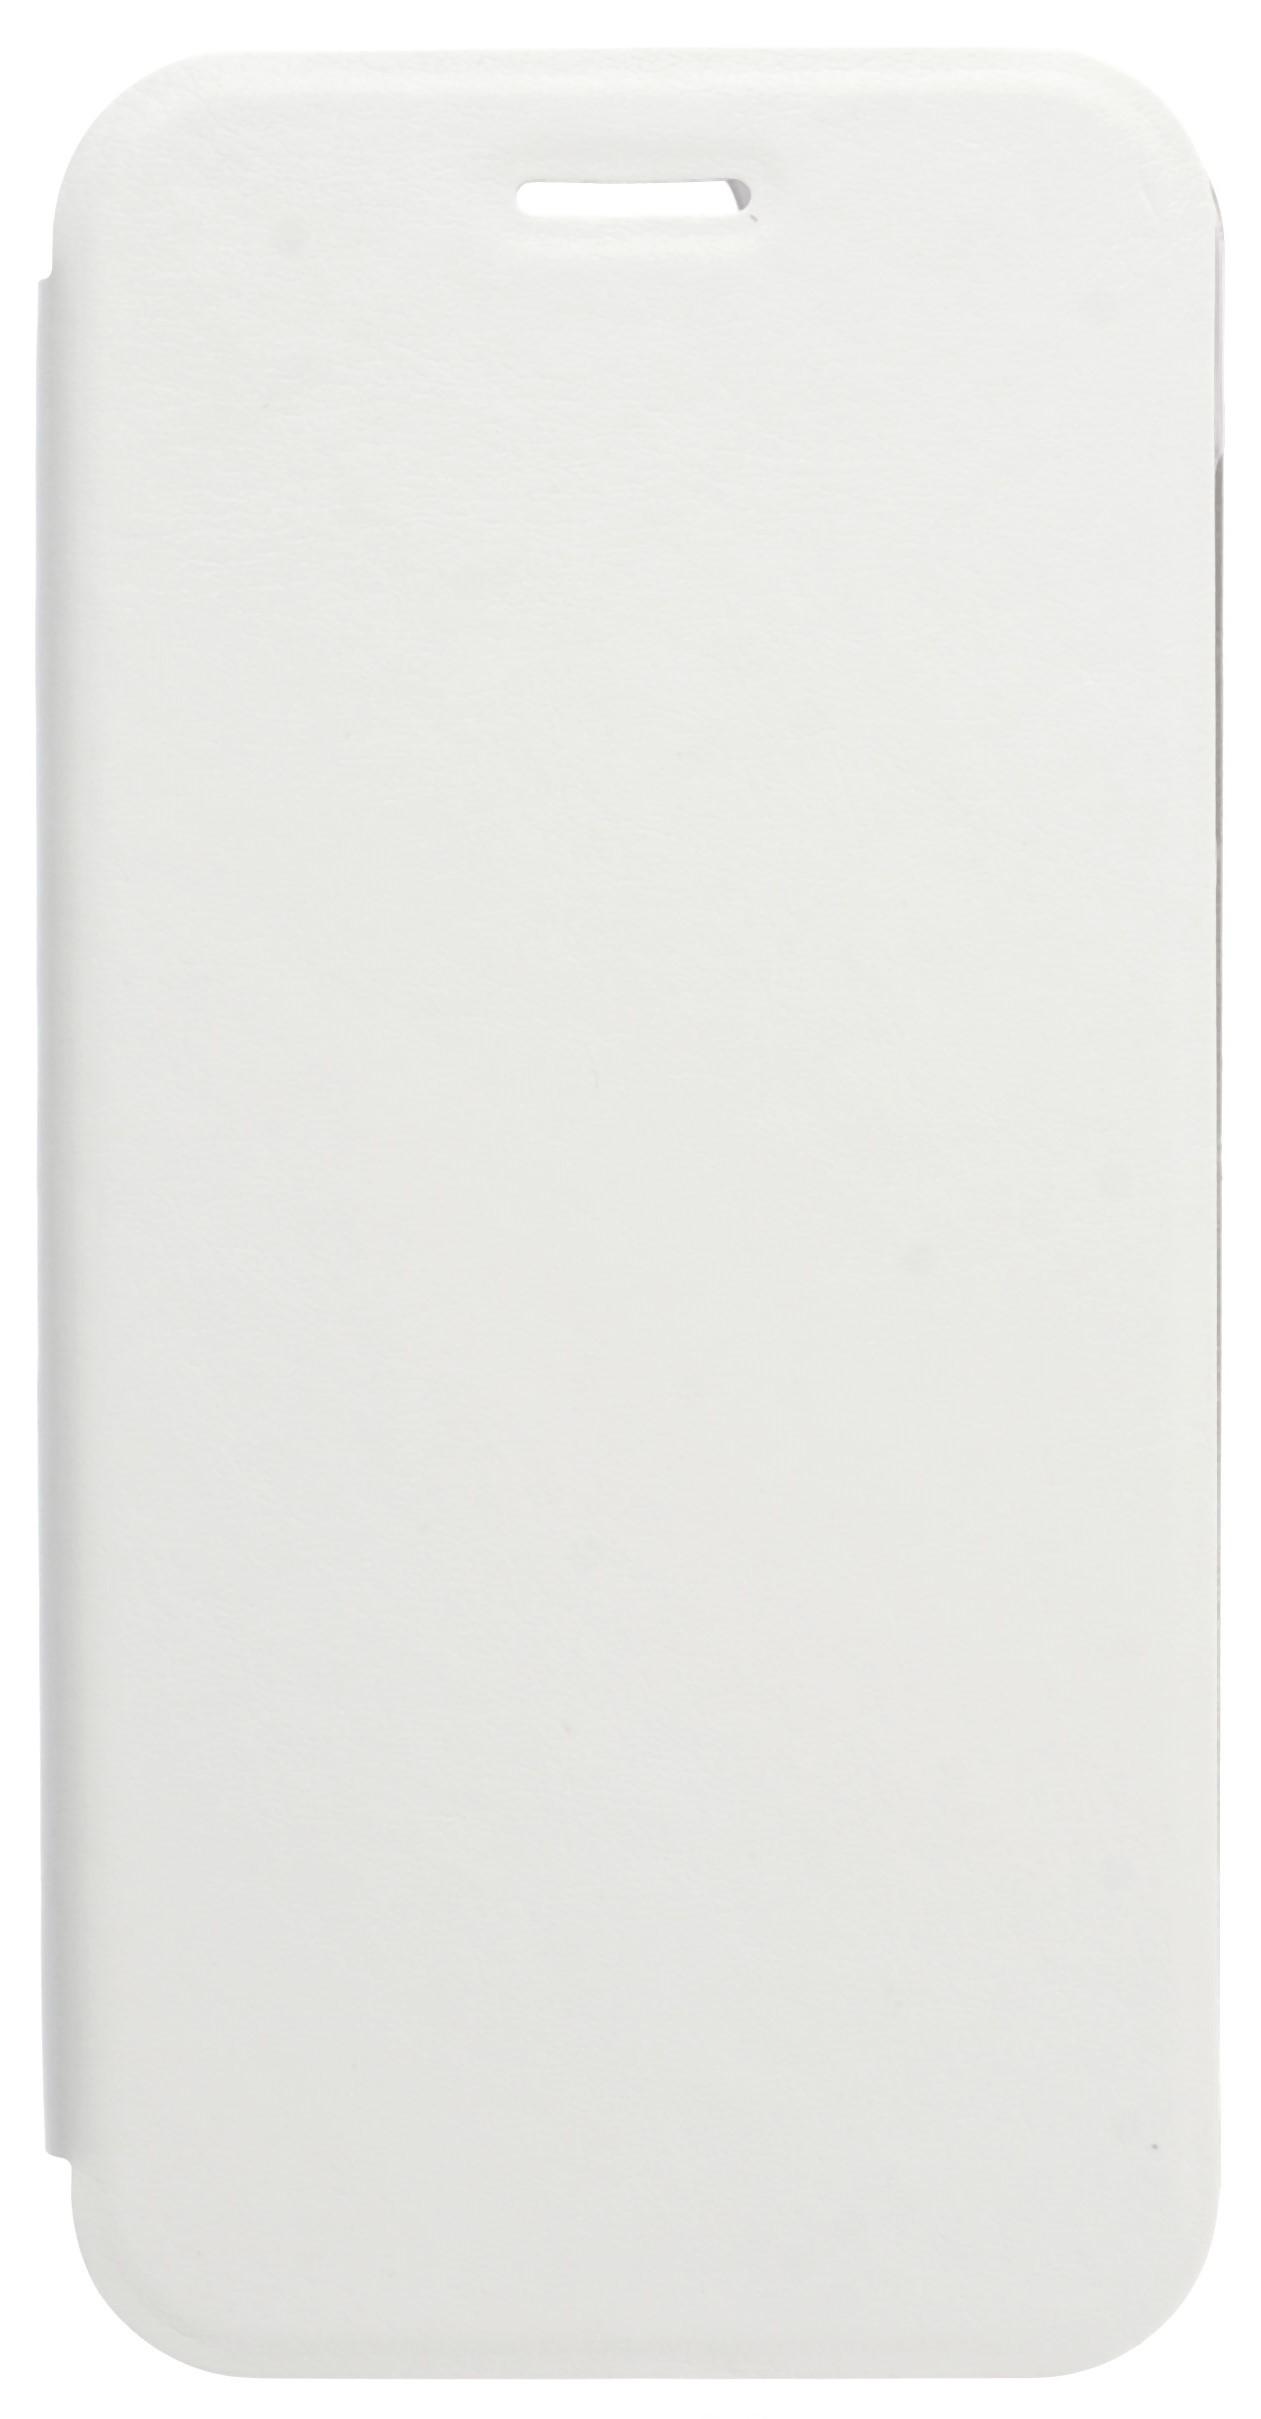 Чехол для сотового телефона skinBOX Lux, 4630042527645, белый чехол книжка для microsoft lumia 532 с магнитной застежкой золотой armor m